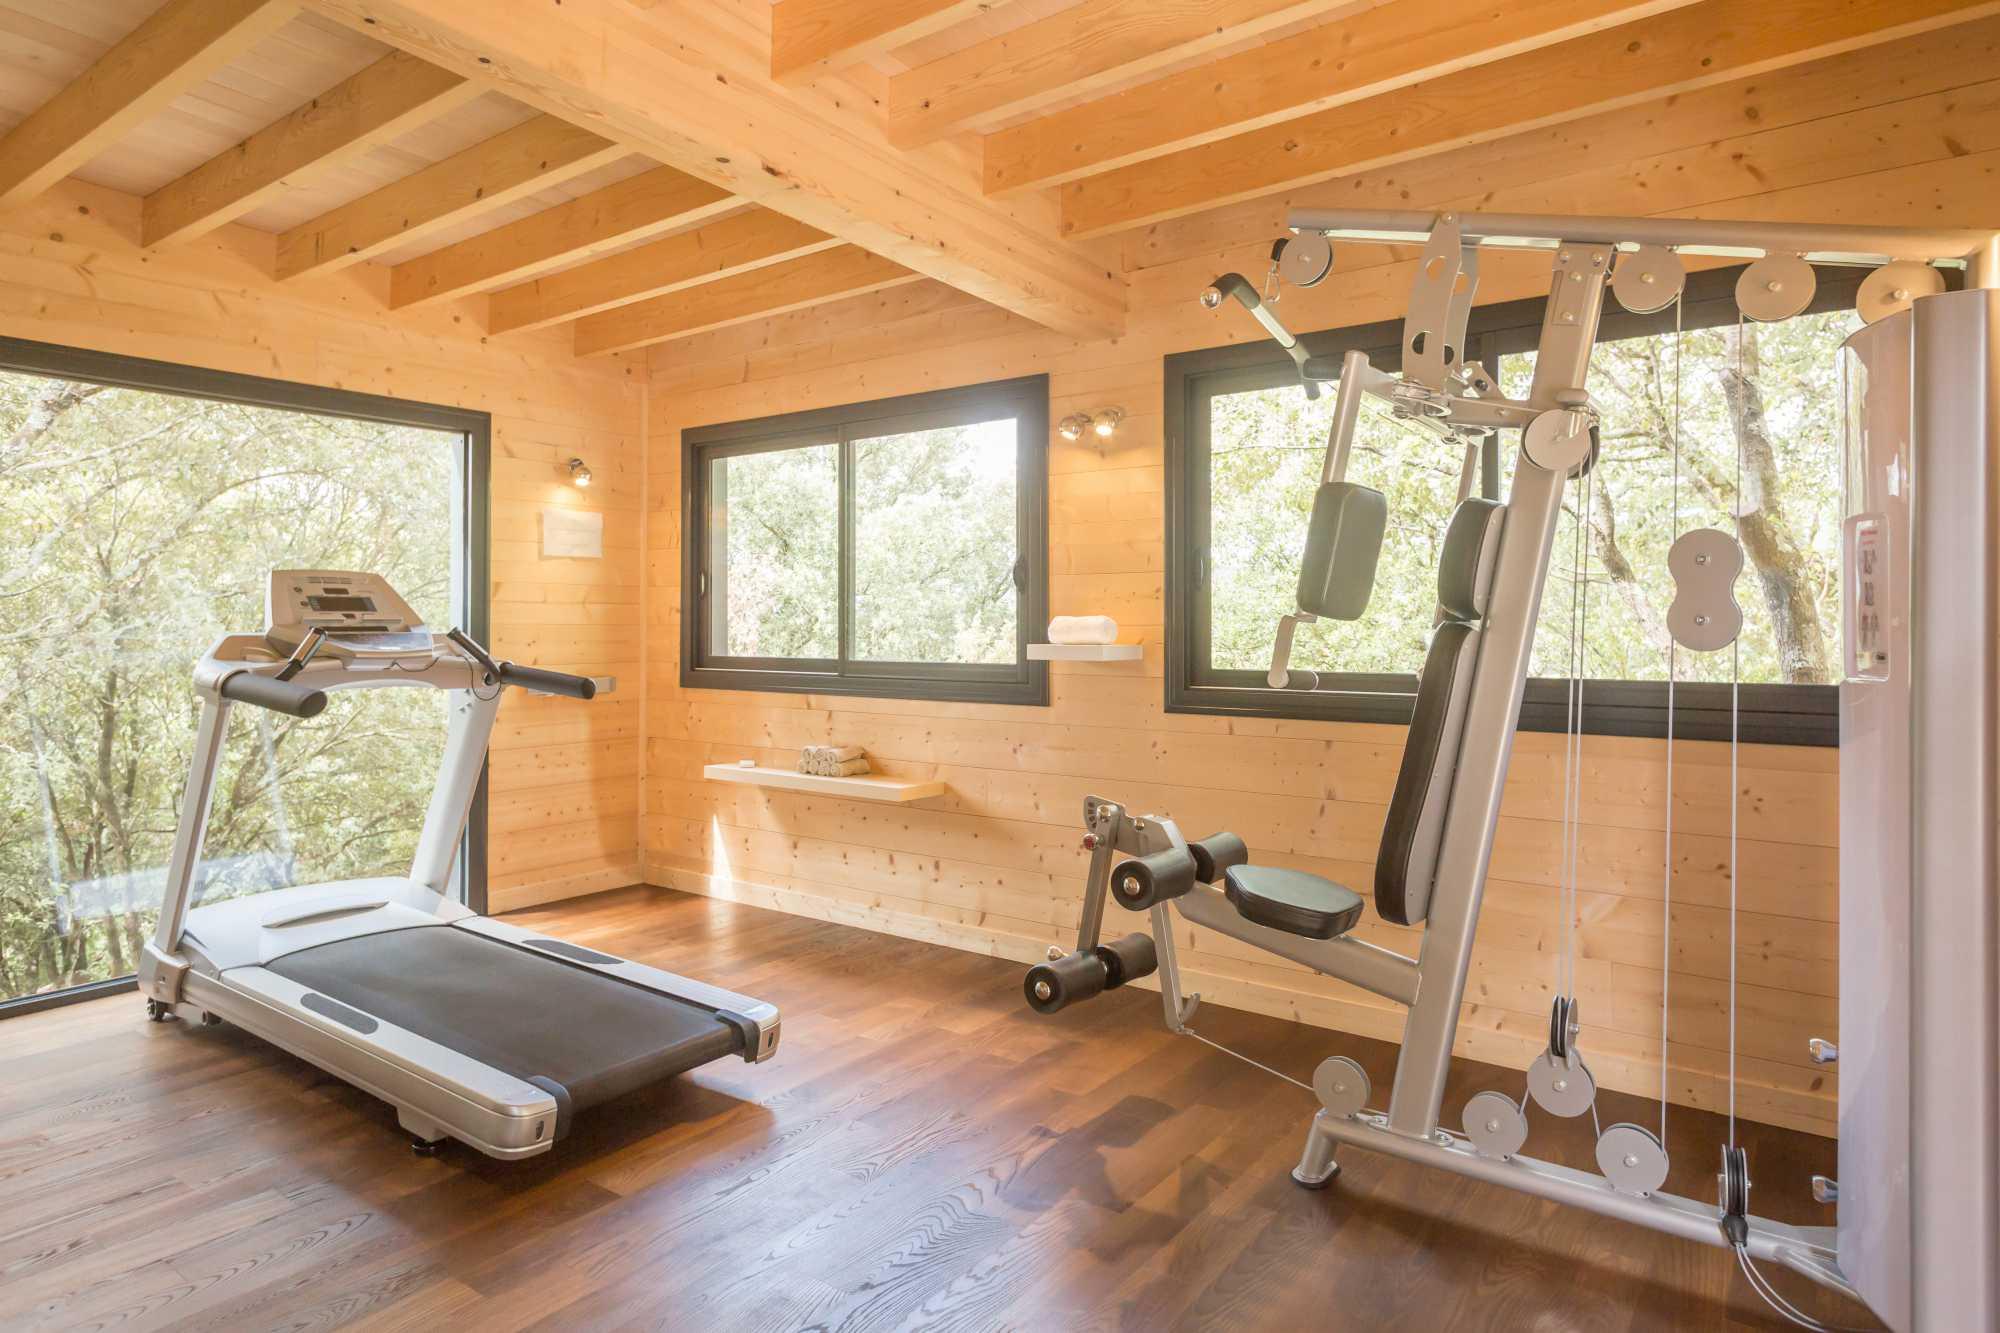 domaine sévenier espace bien etre spa salle de fitness 1 - Well-being (Spa)